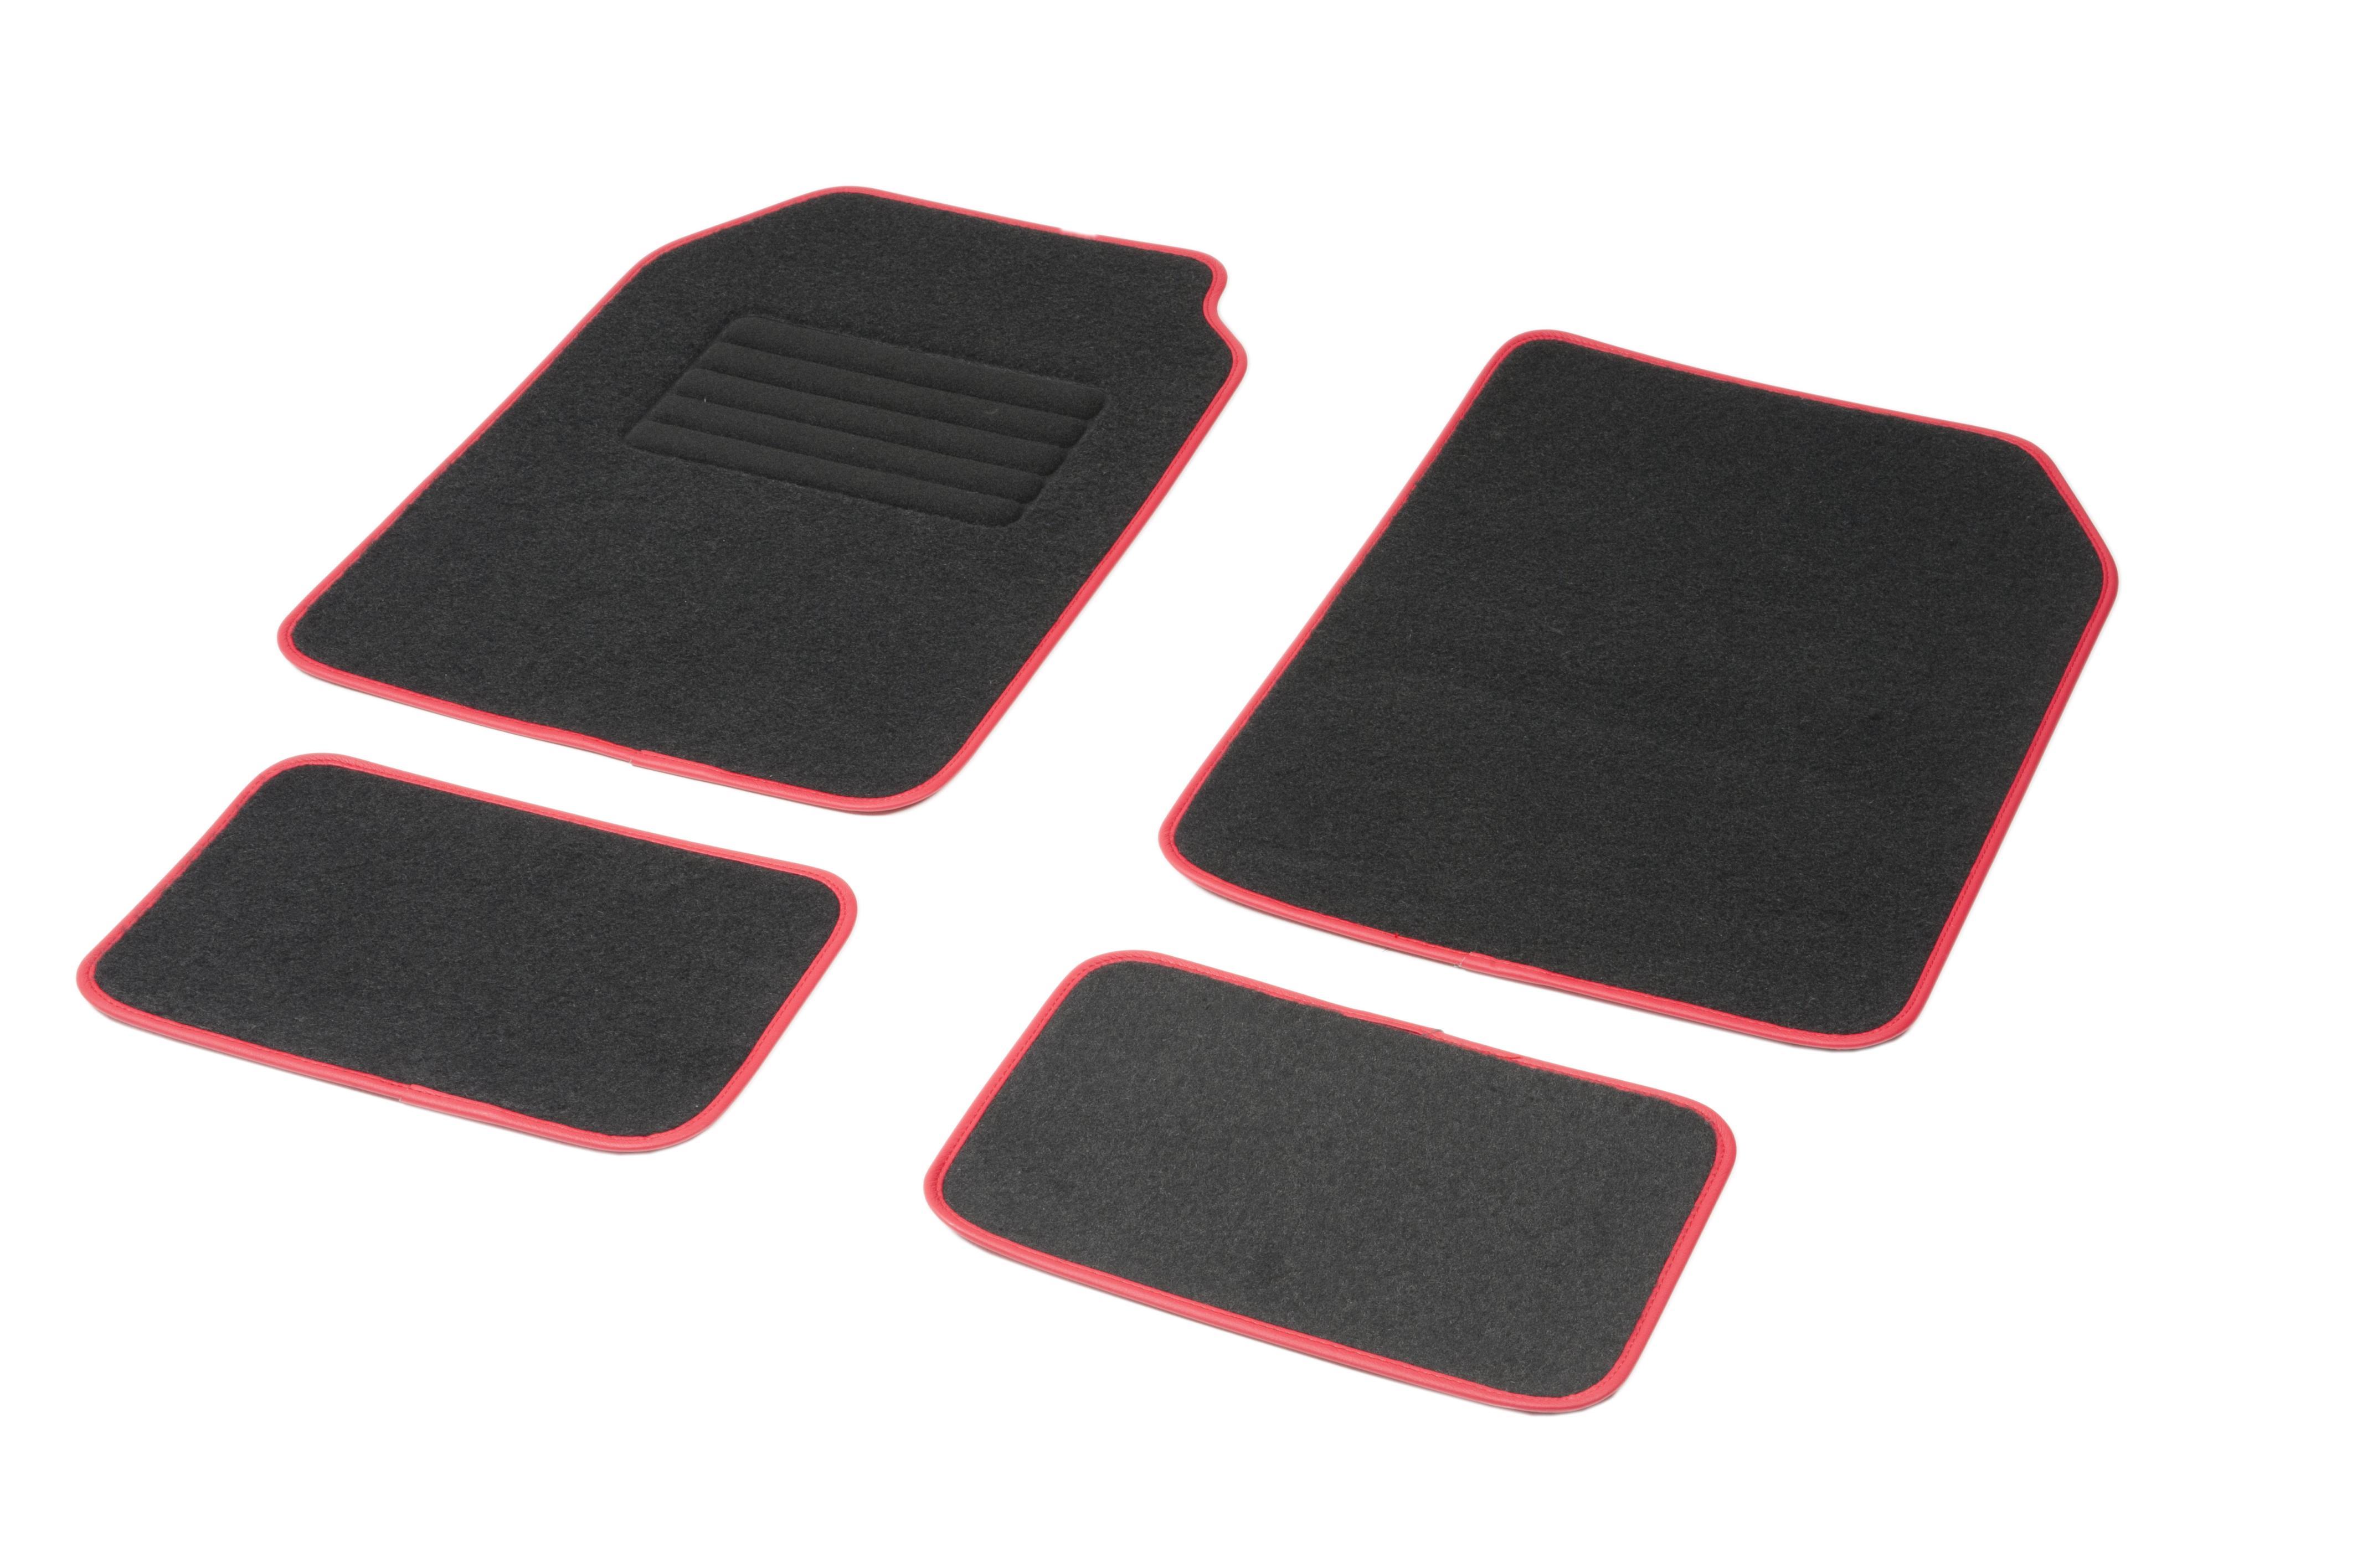 Achat de 01765766 DBS Adaptation universelle, STANDARD Textile, avant et arrière, Quantité: 4, noir, rouge Taille: 73х46 Ensemble de tapis de sol 01765766 pas chères